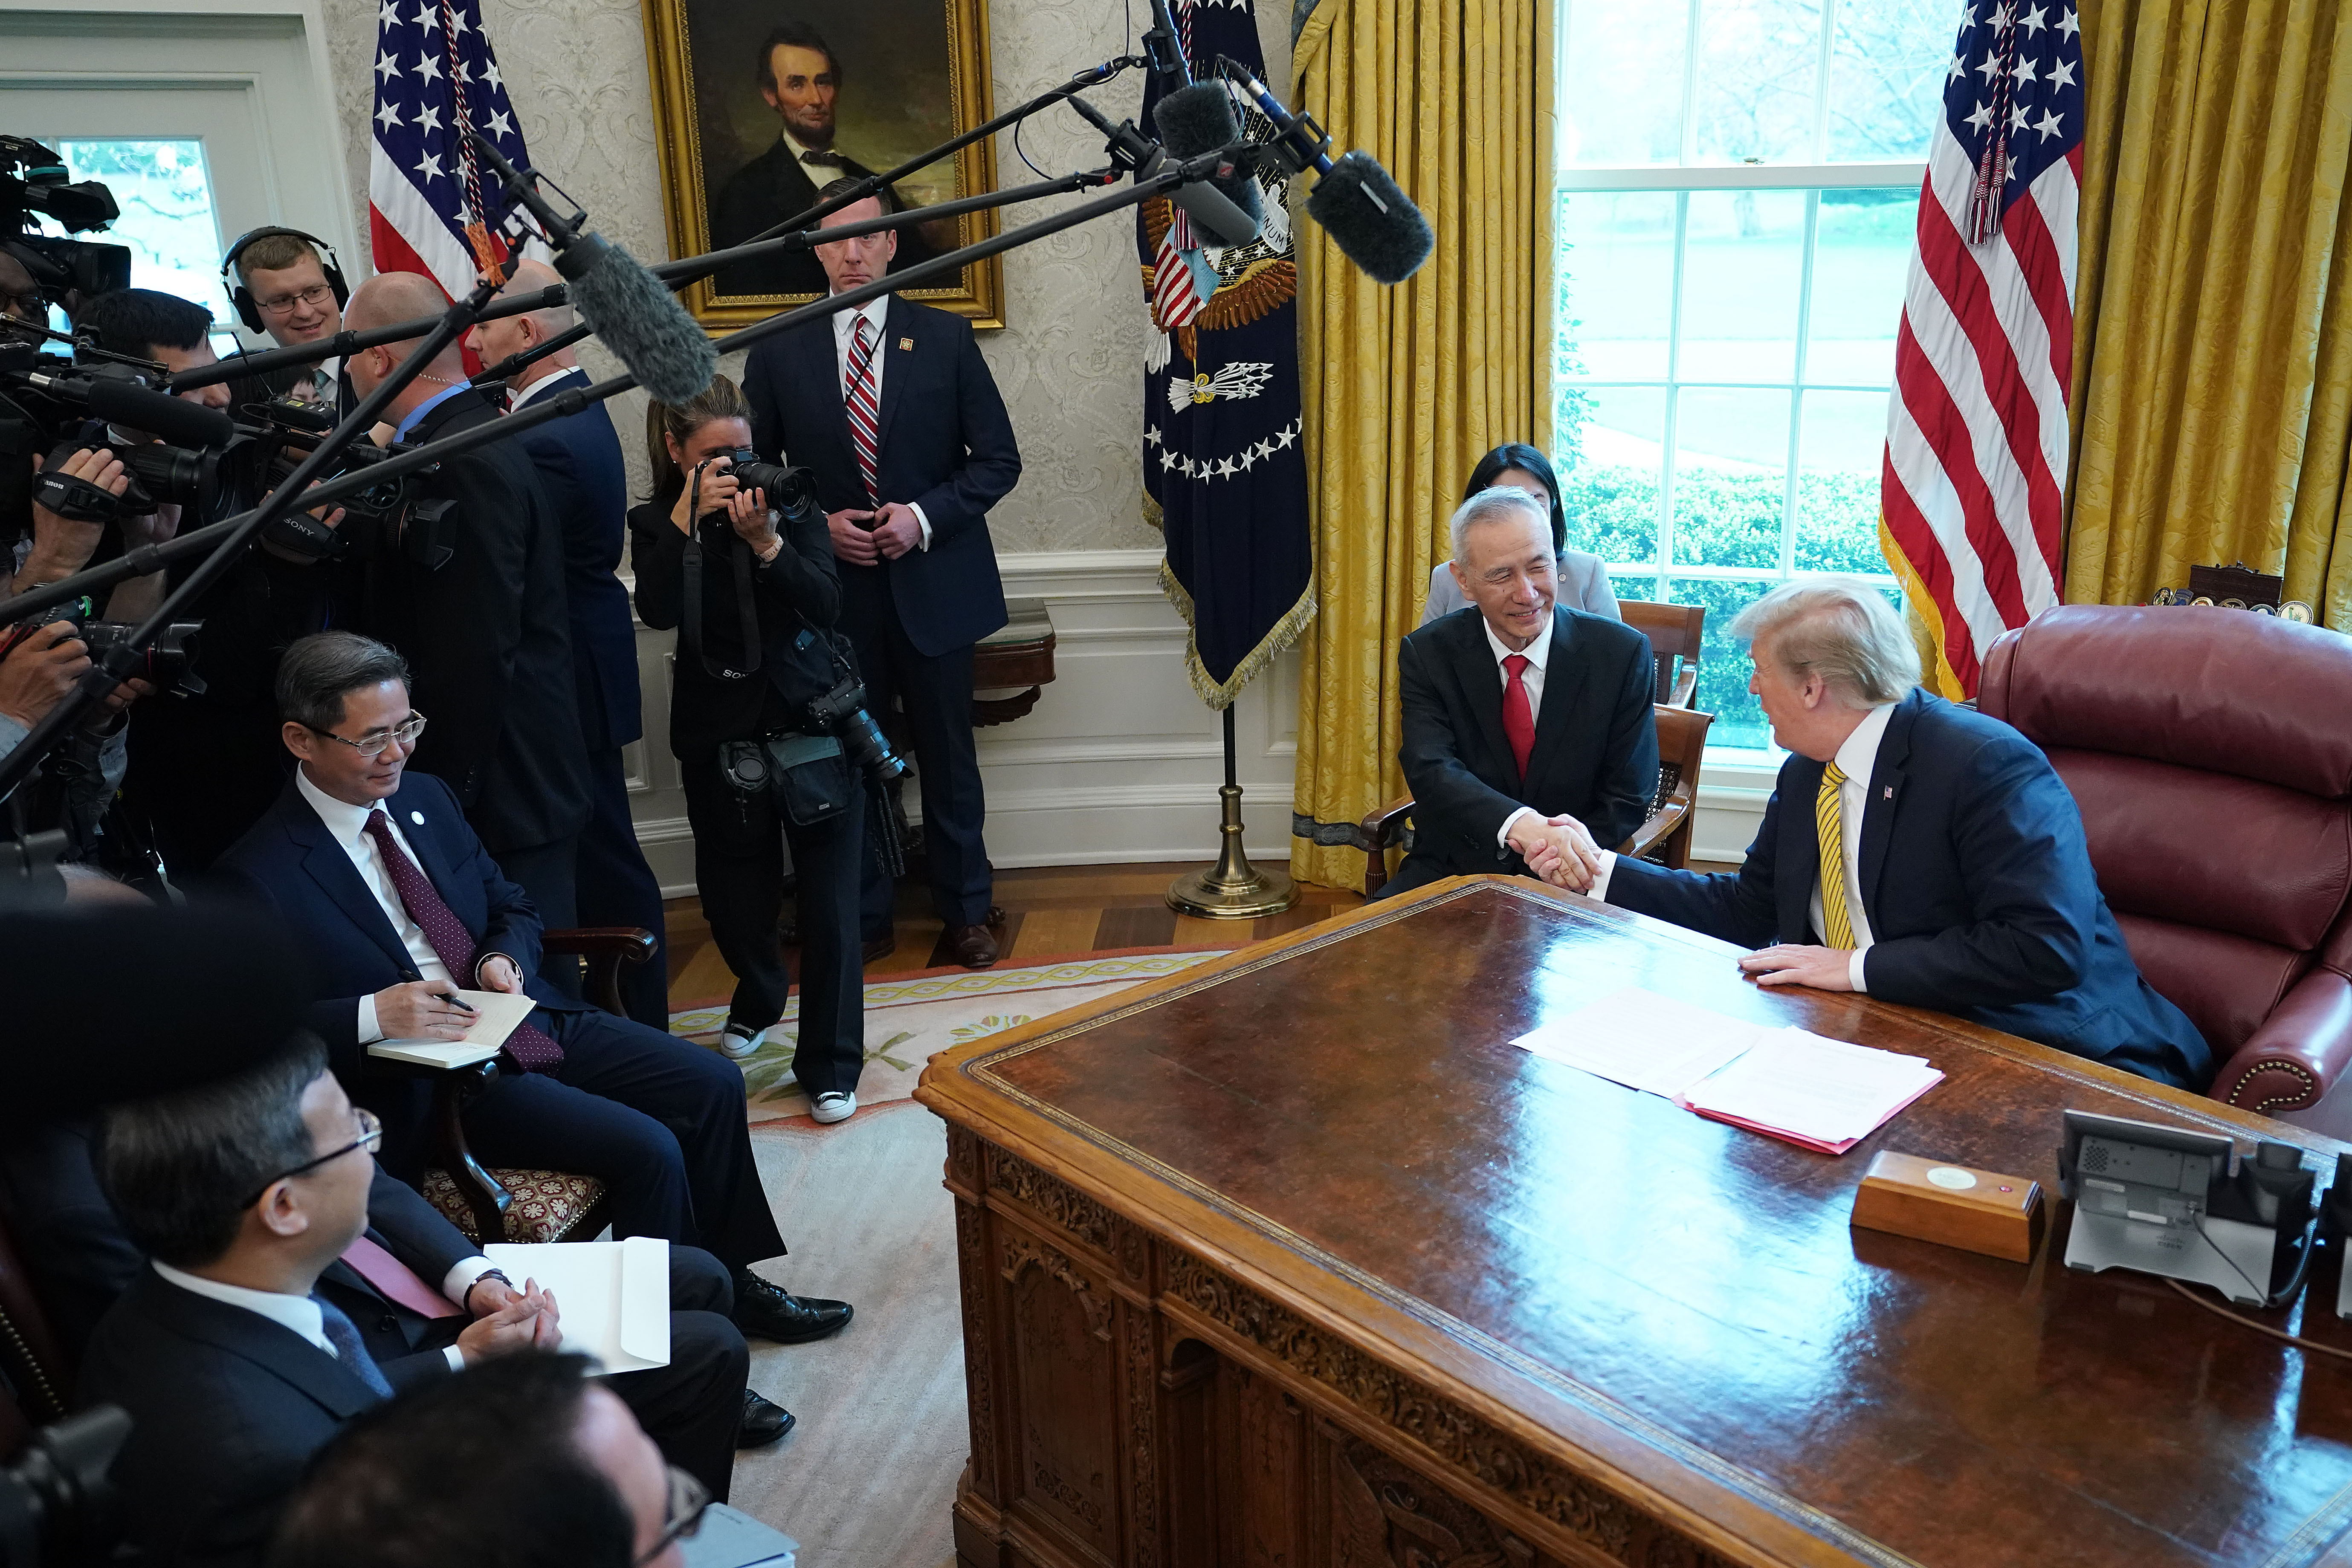 劉鶴三訪白宮 三張照片透露中美談判玄機